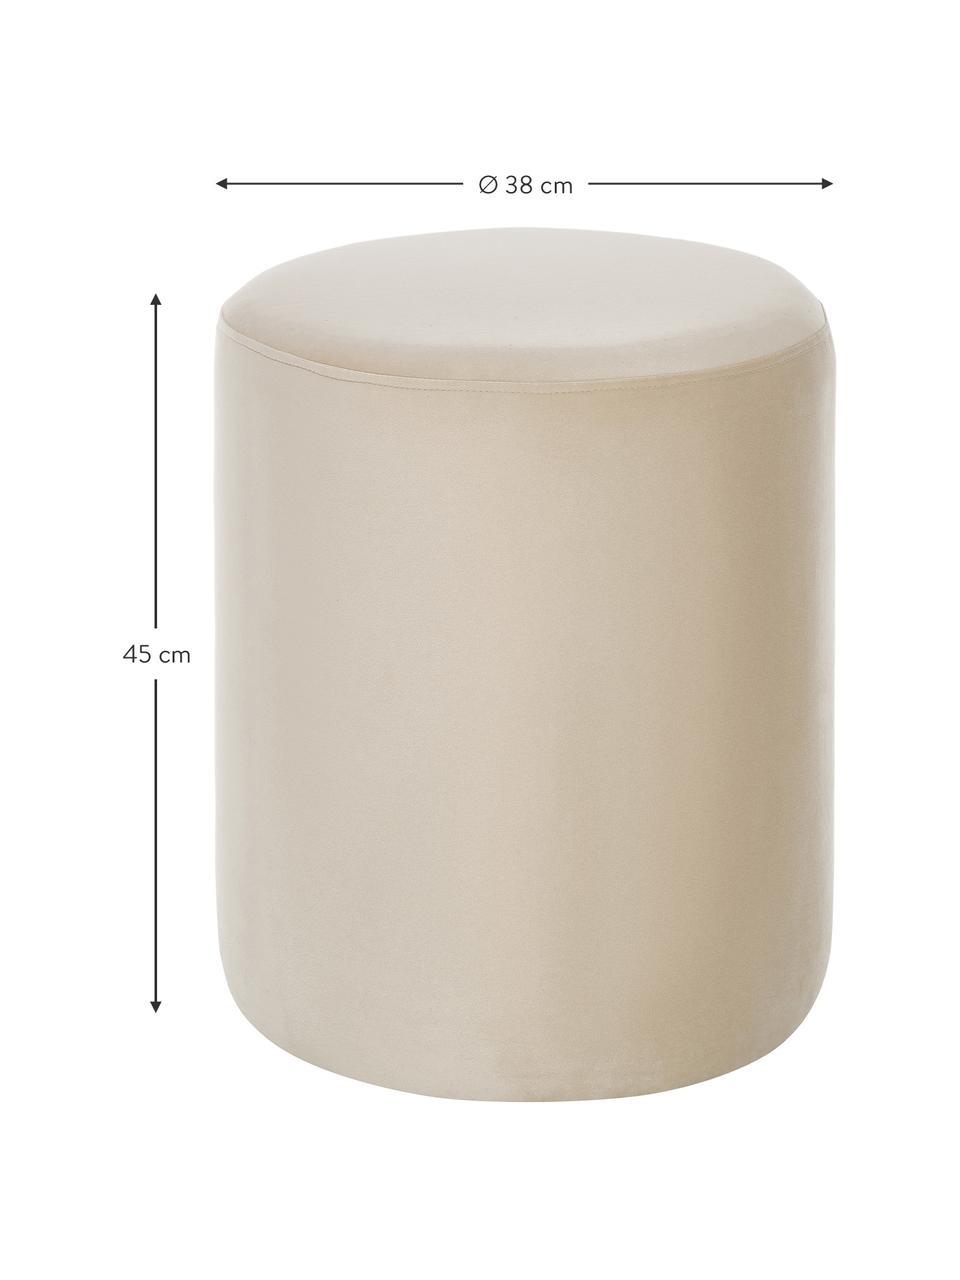 Pouf in velluto beige Daisy, Rivestimento: velluto (poliestere) Con , Struttura: fibra a media densità, Velluto beige, Ø 38 x Alt. 45 cm